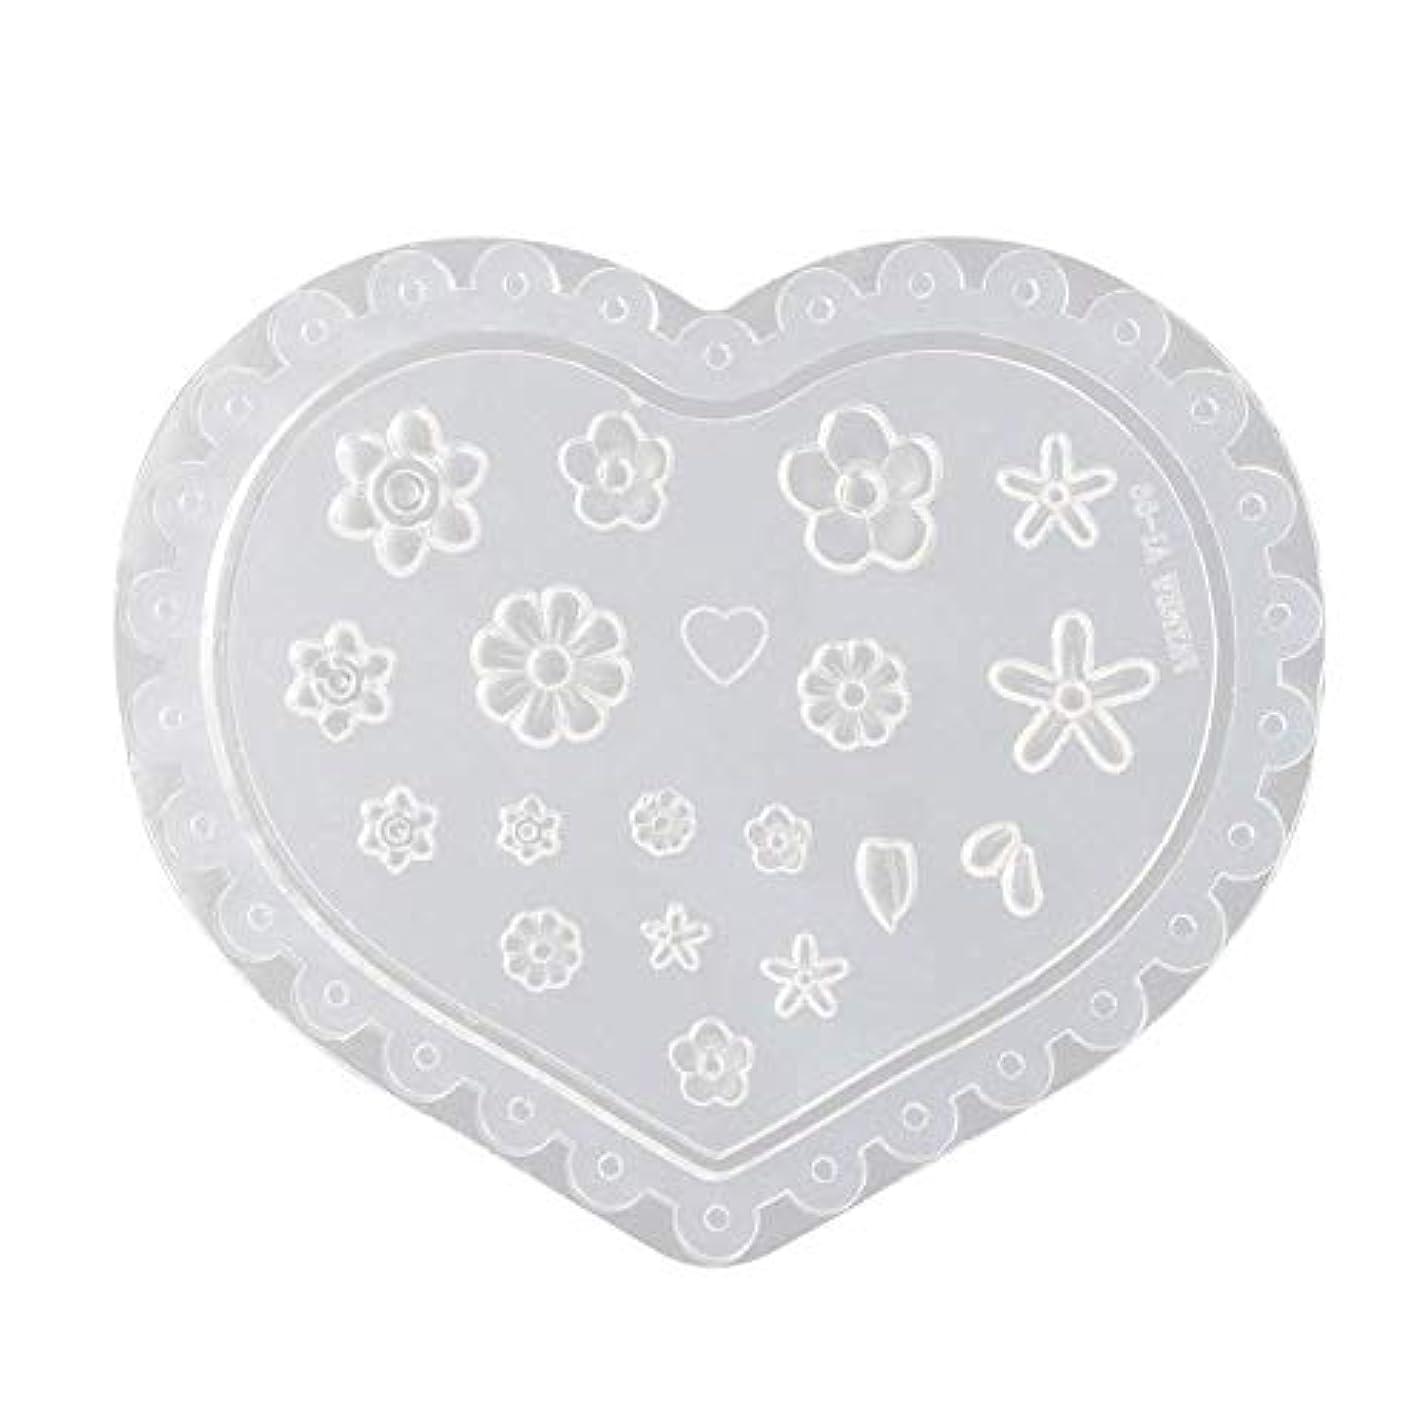 妊娠した十分な気難しいgundoop 3Dシリコンモールド ネイル 葉 花 抜き型 3Dネイル用 レジンモールド UVレジン ネイルパーツ ジェル ネイル セット アクセサリー パーツ 作成 (1)